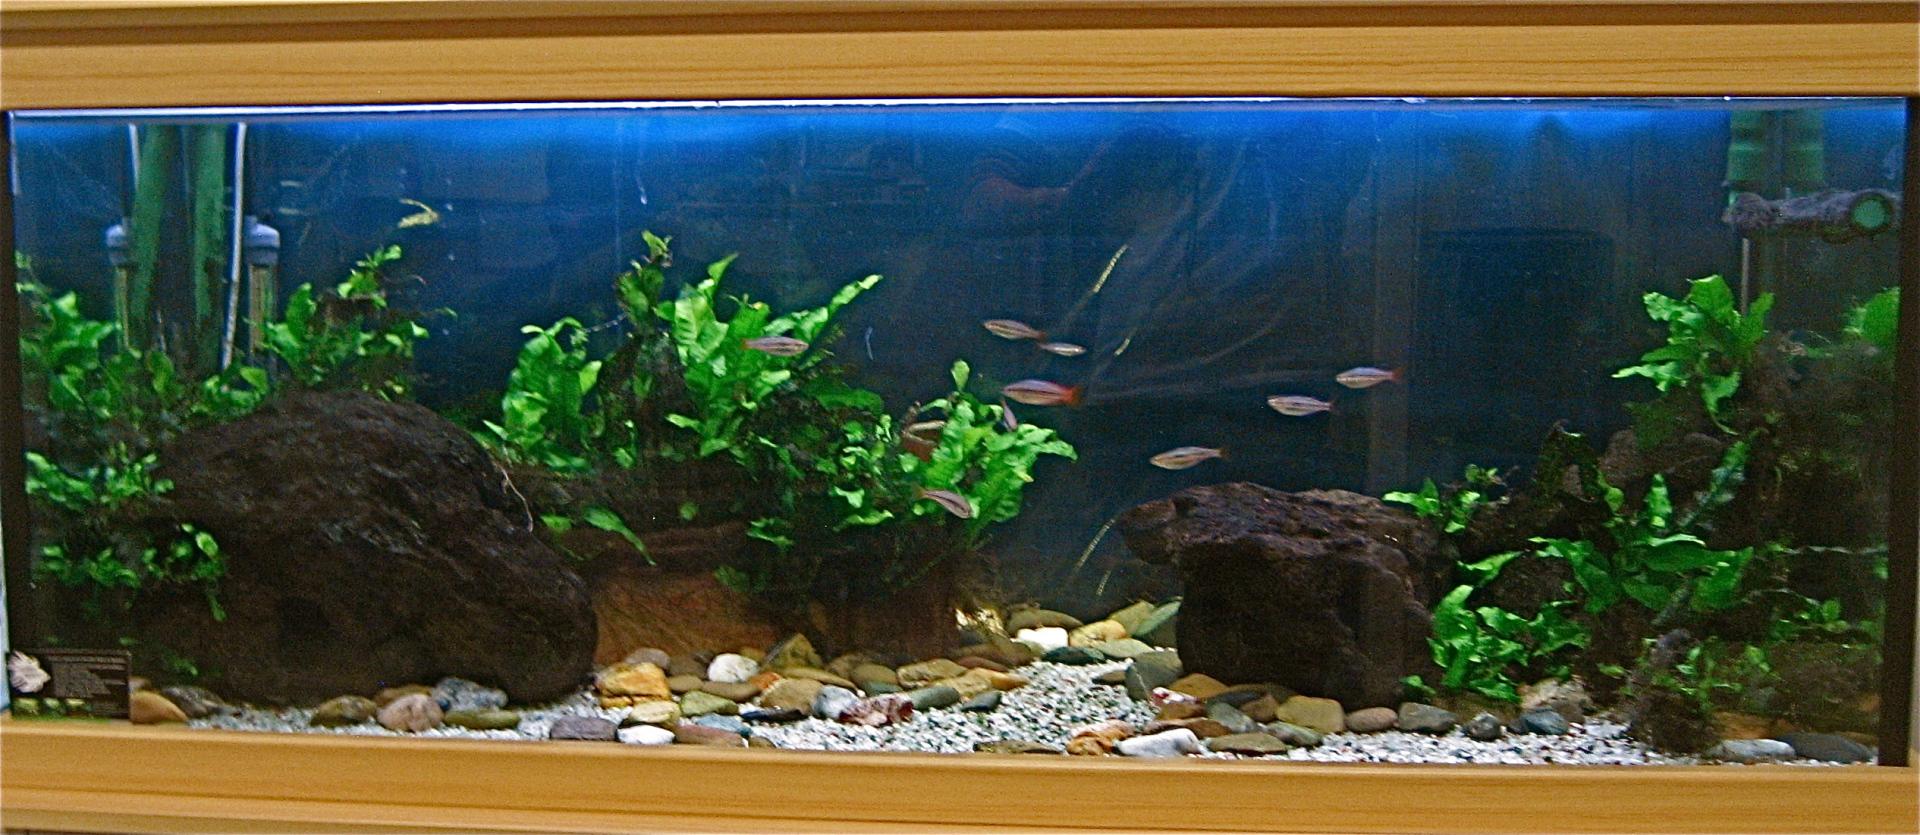 Rainbowfish rockery